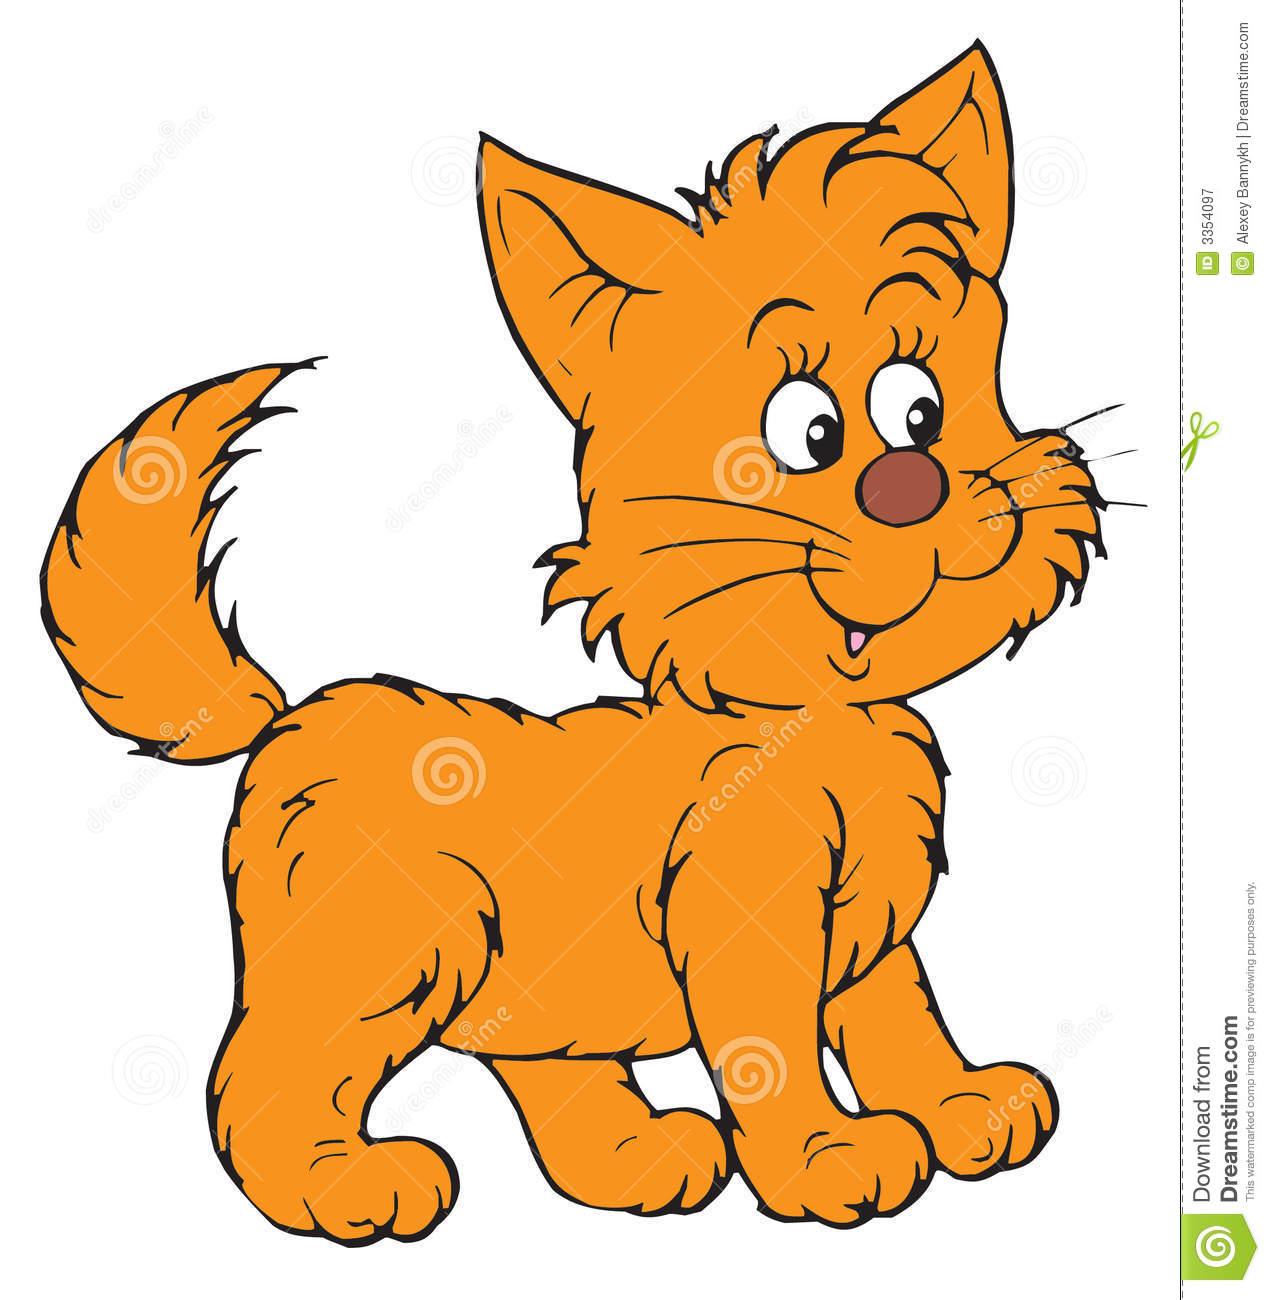 1270x1300 Kitten Clip Art Kitten Vector Clip Art Id 46588 Clipart Pictures